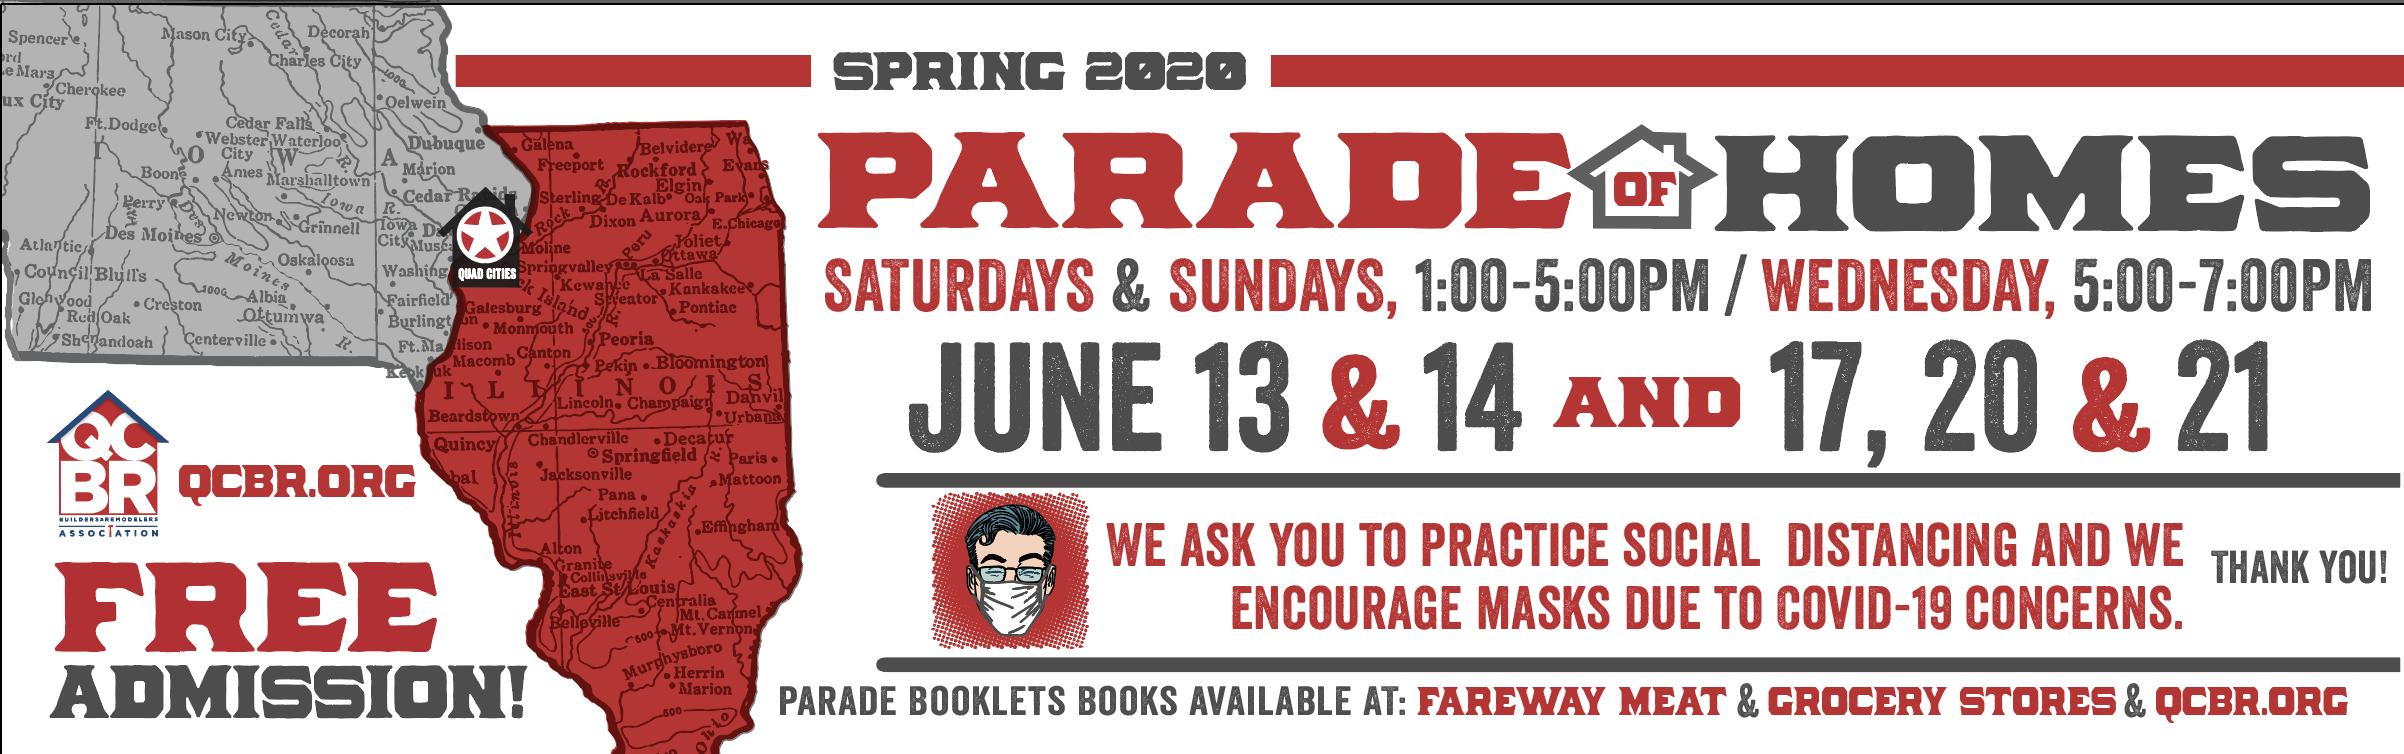 Parade of Homes Spring 2020